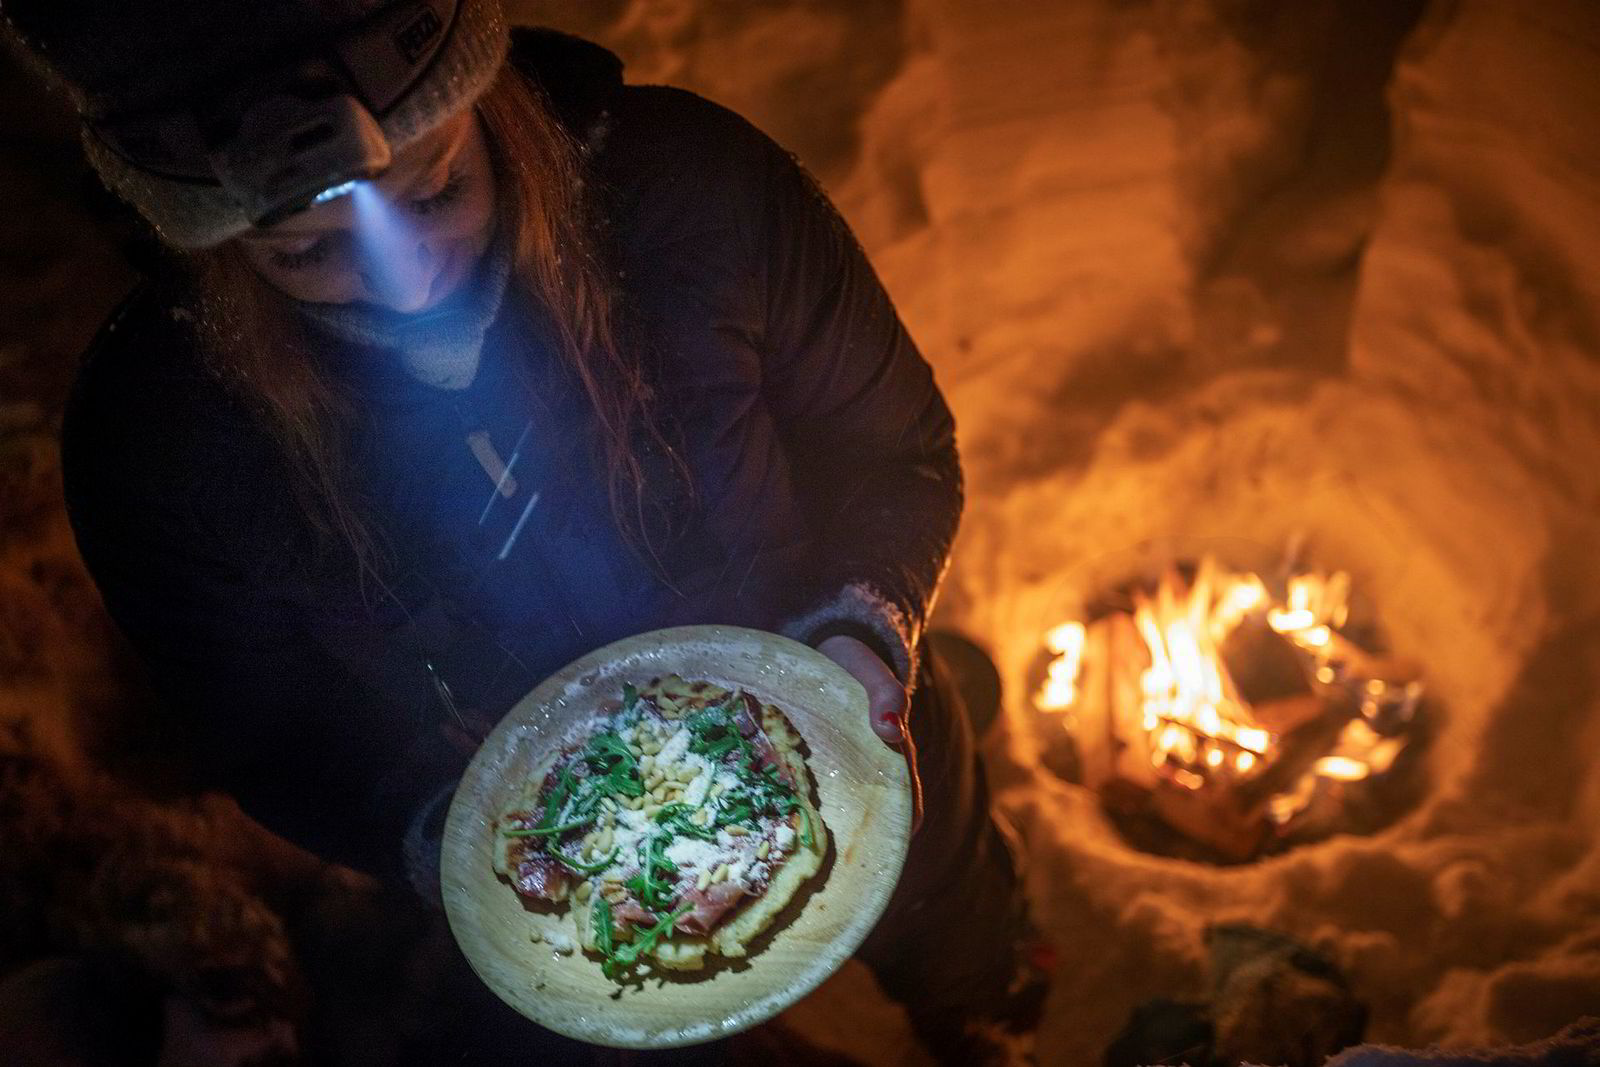 Mat smaker som alle vet ekstra godt på tur. Bodil Gilje har laget pizza på bålet og serverer med pinjekjerner og Ruccola.